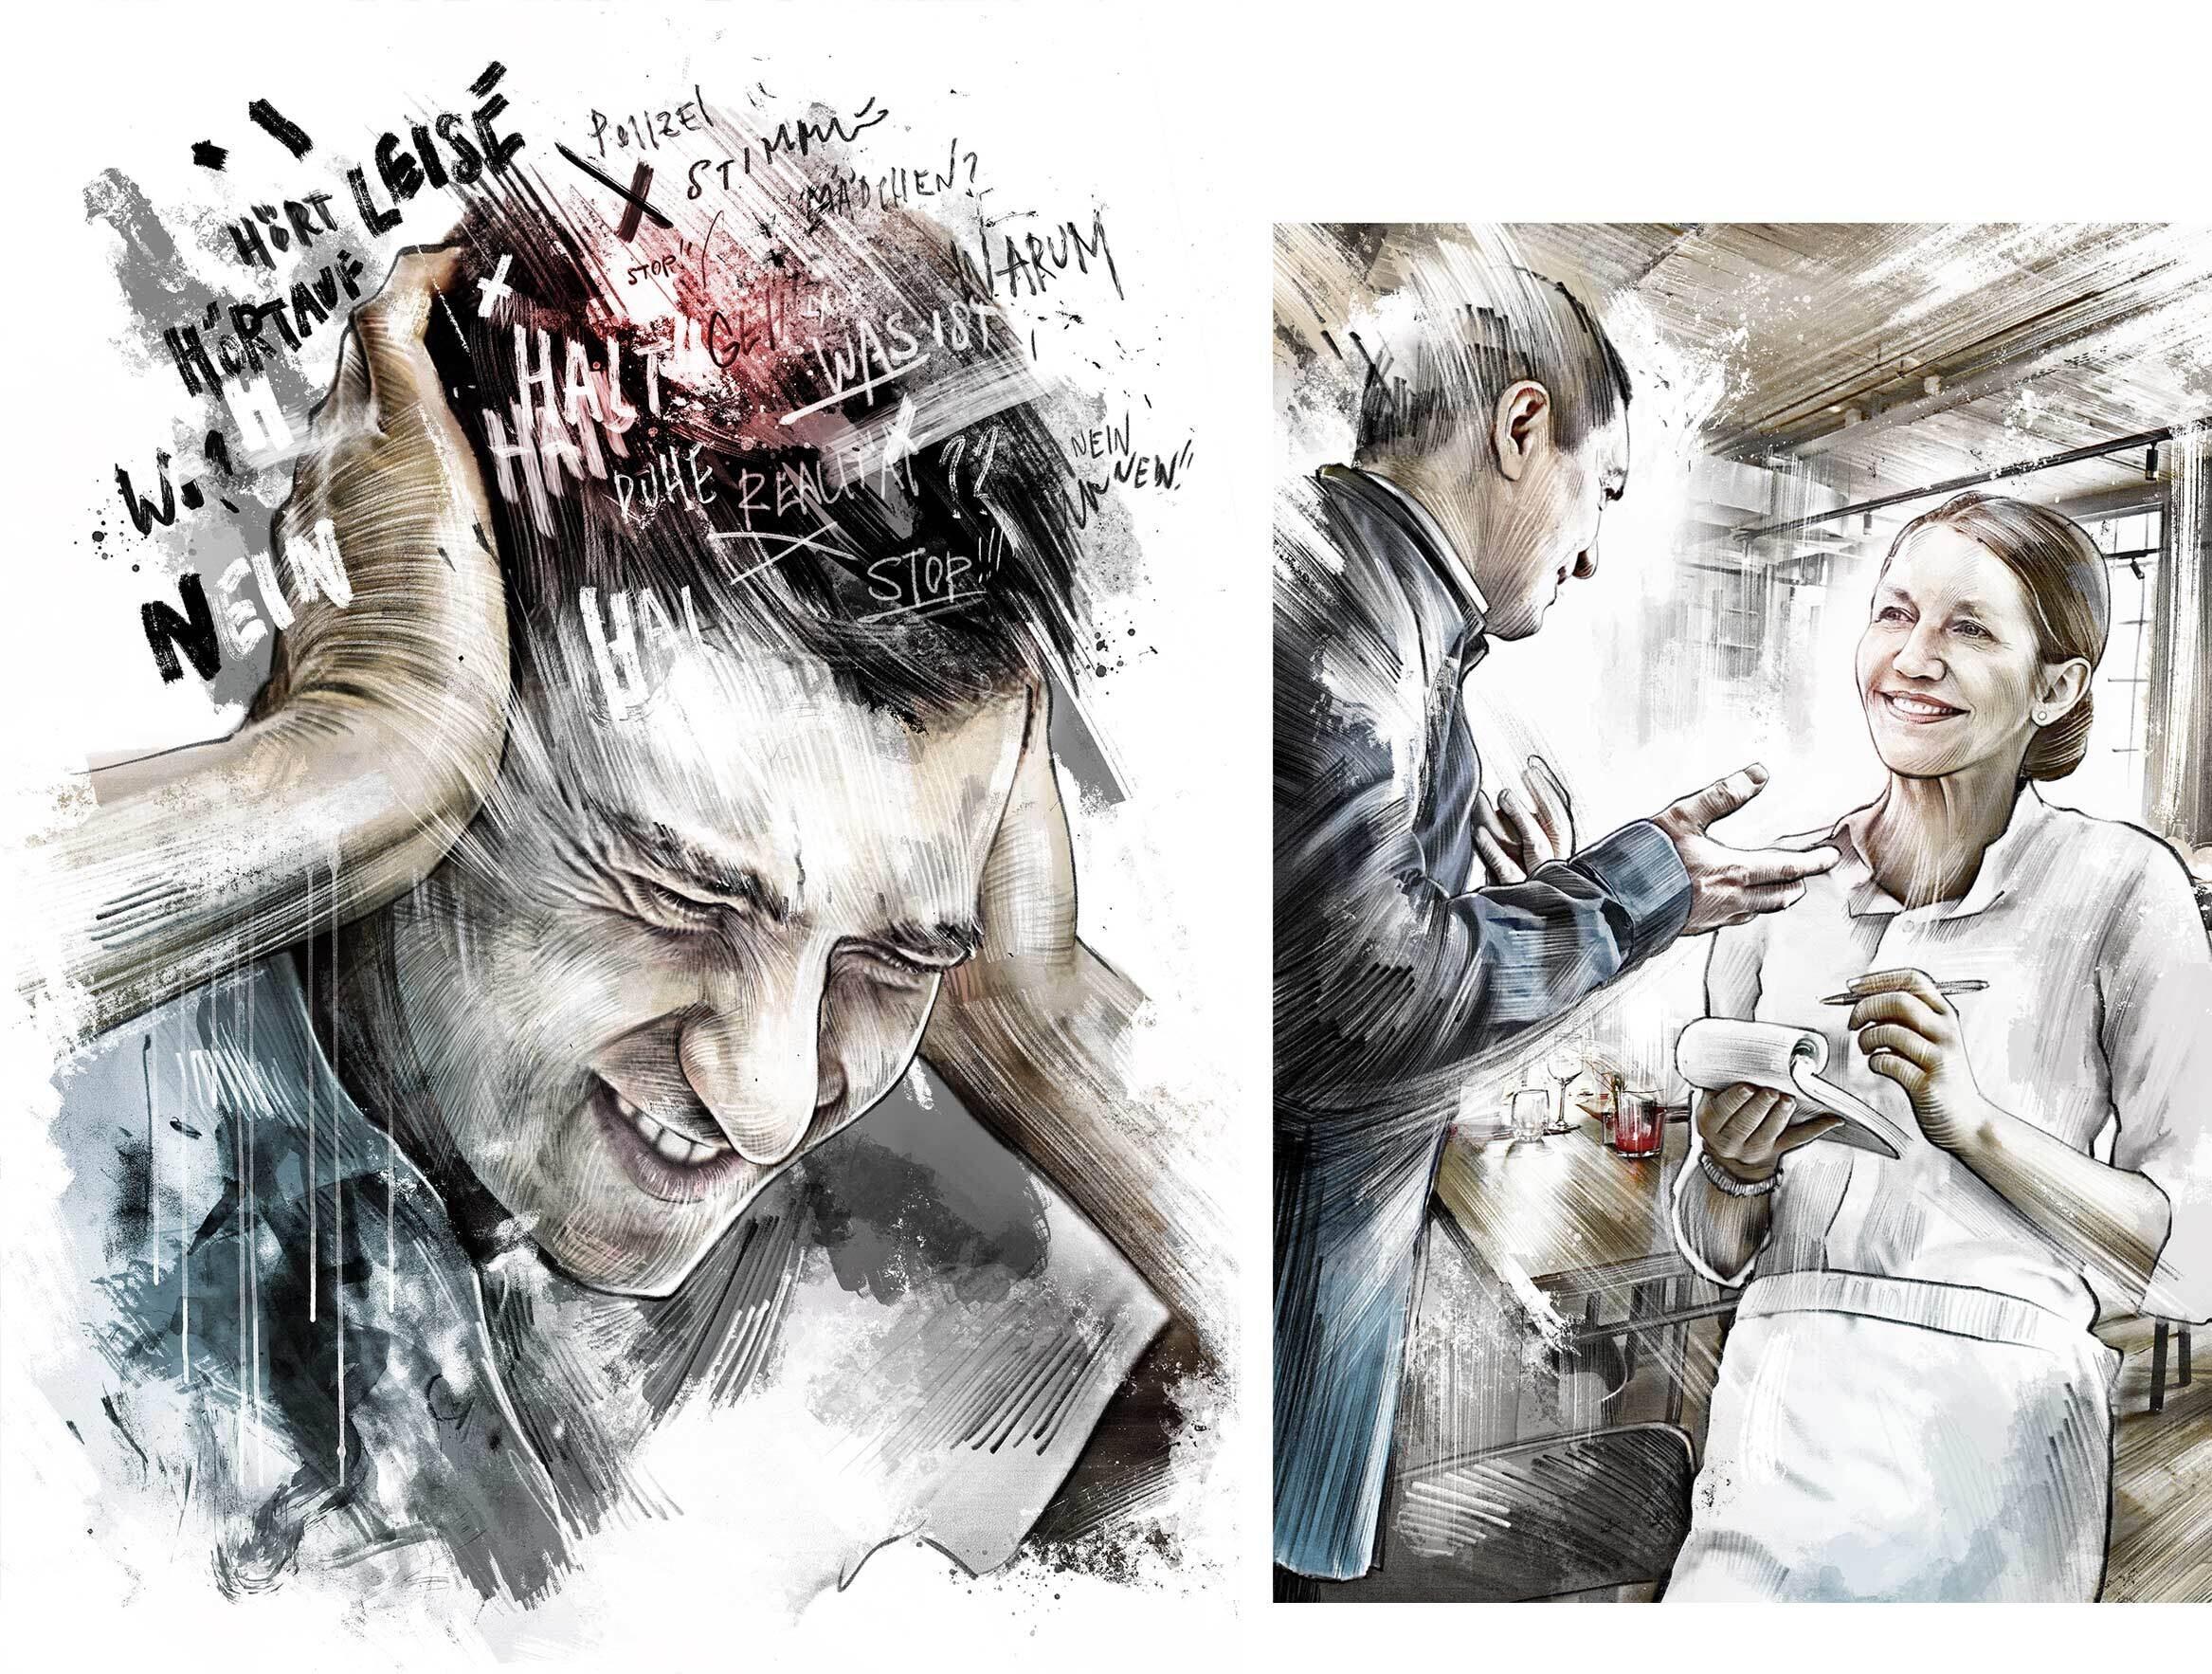 Schizofrenie illustration stimmen im kopf - Kornel Illustration | Kornel Stadler portfolio